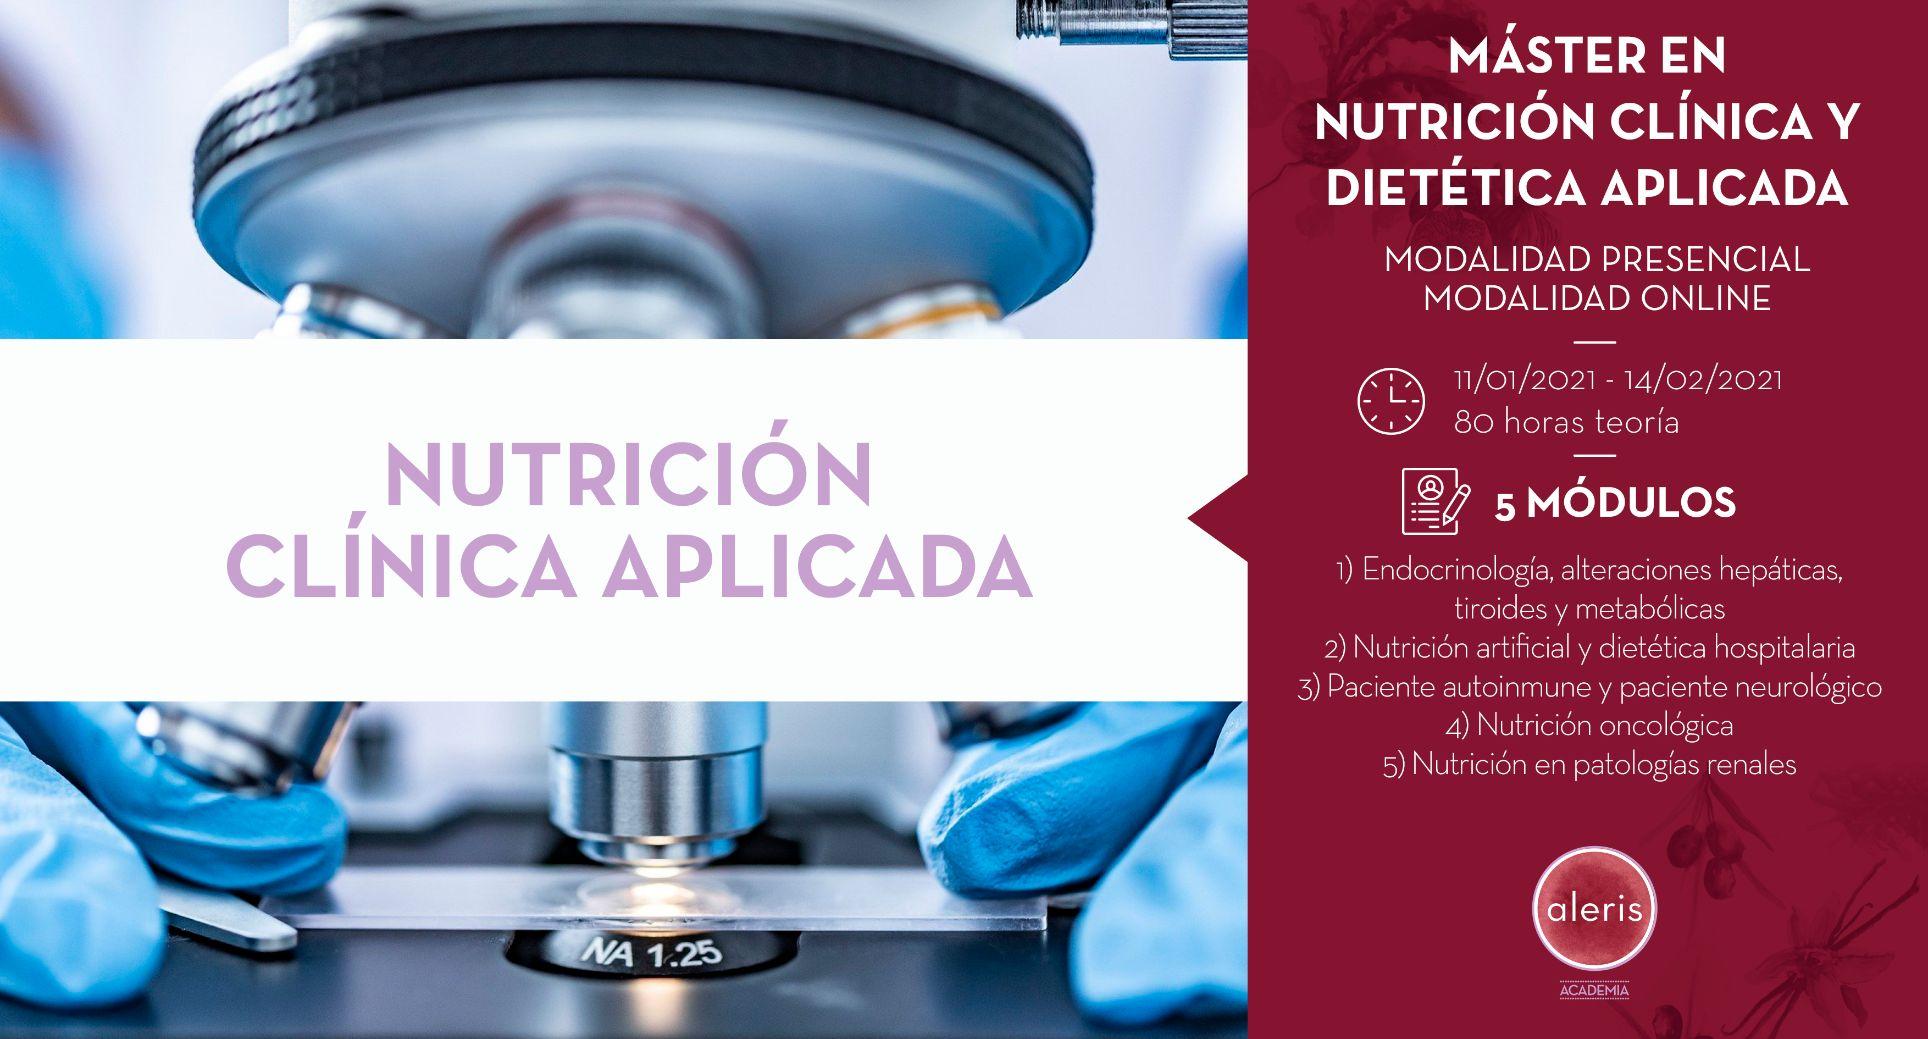 NUTRICIÓN CLÍNICA APLICADA